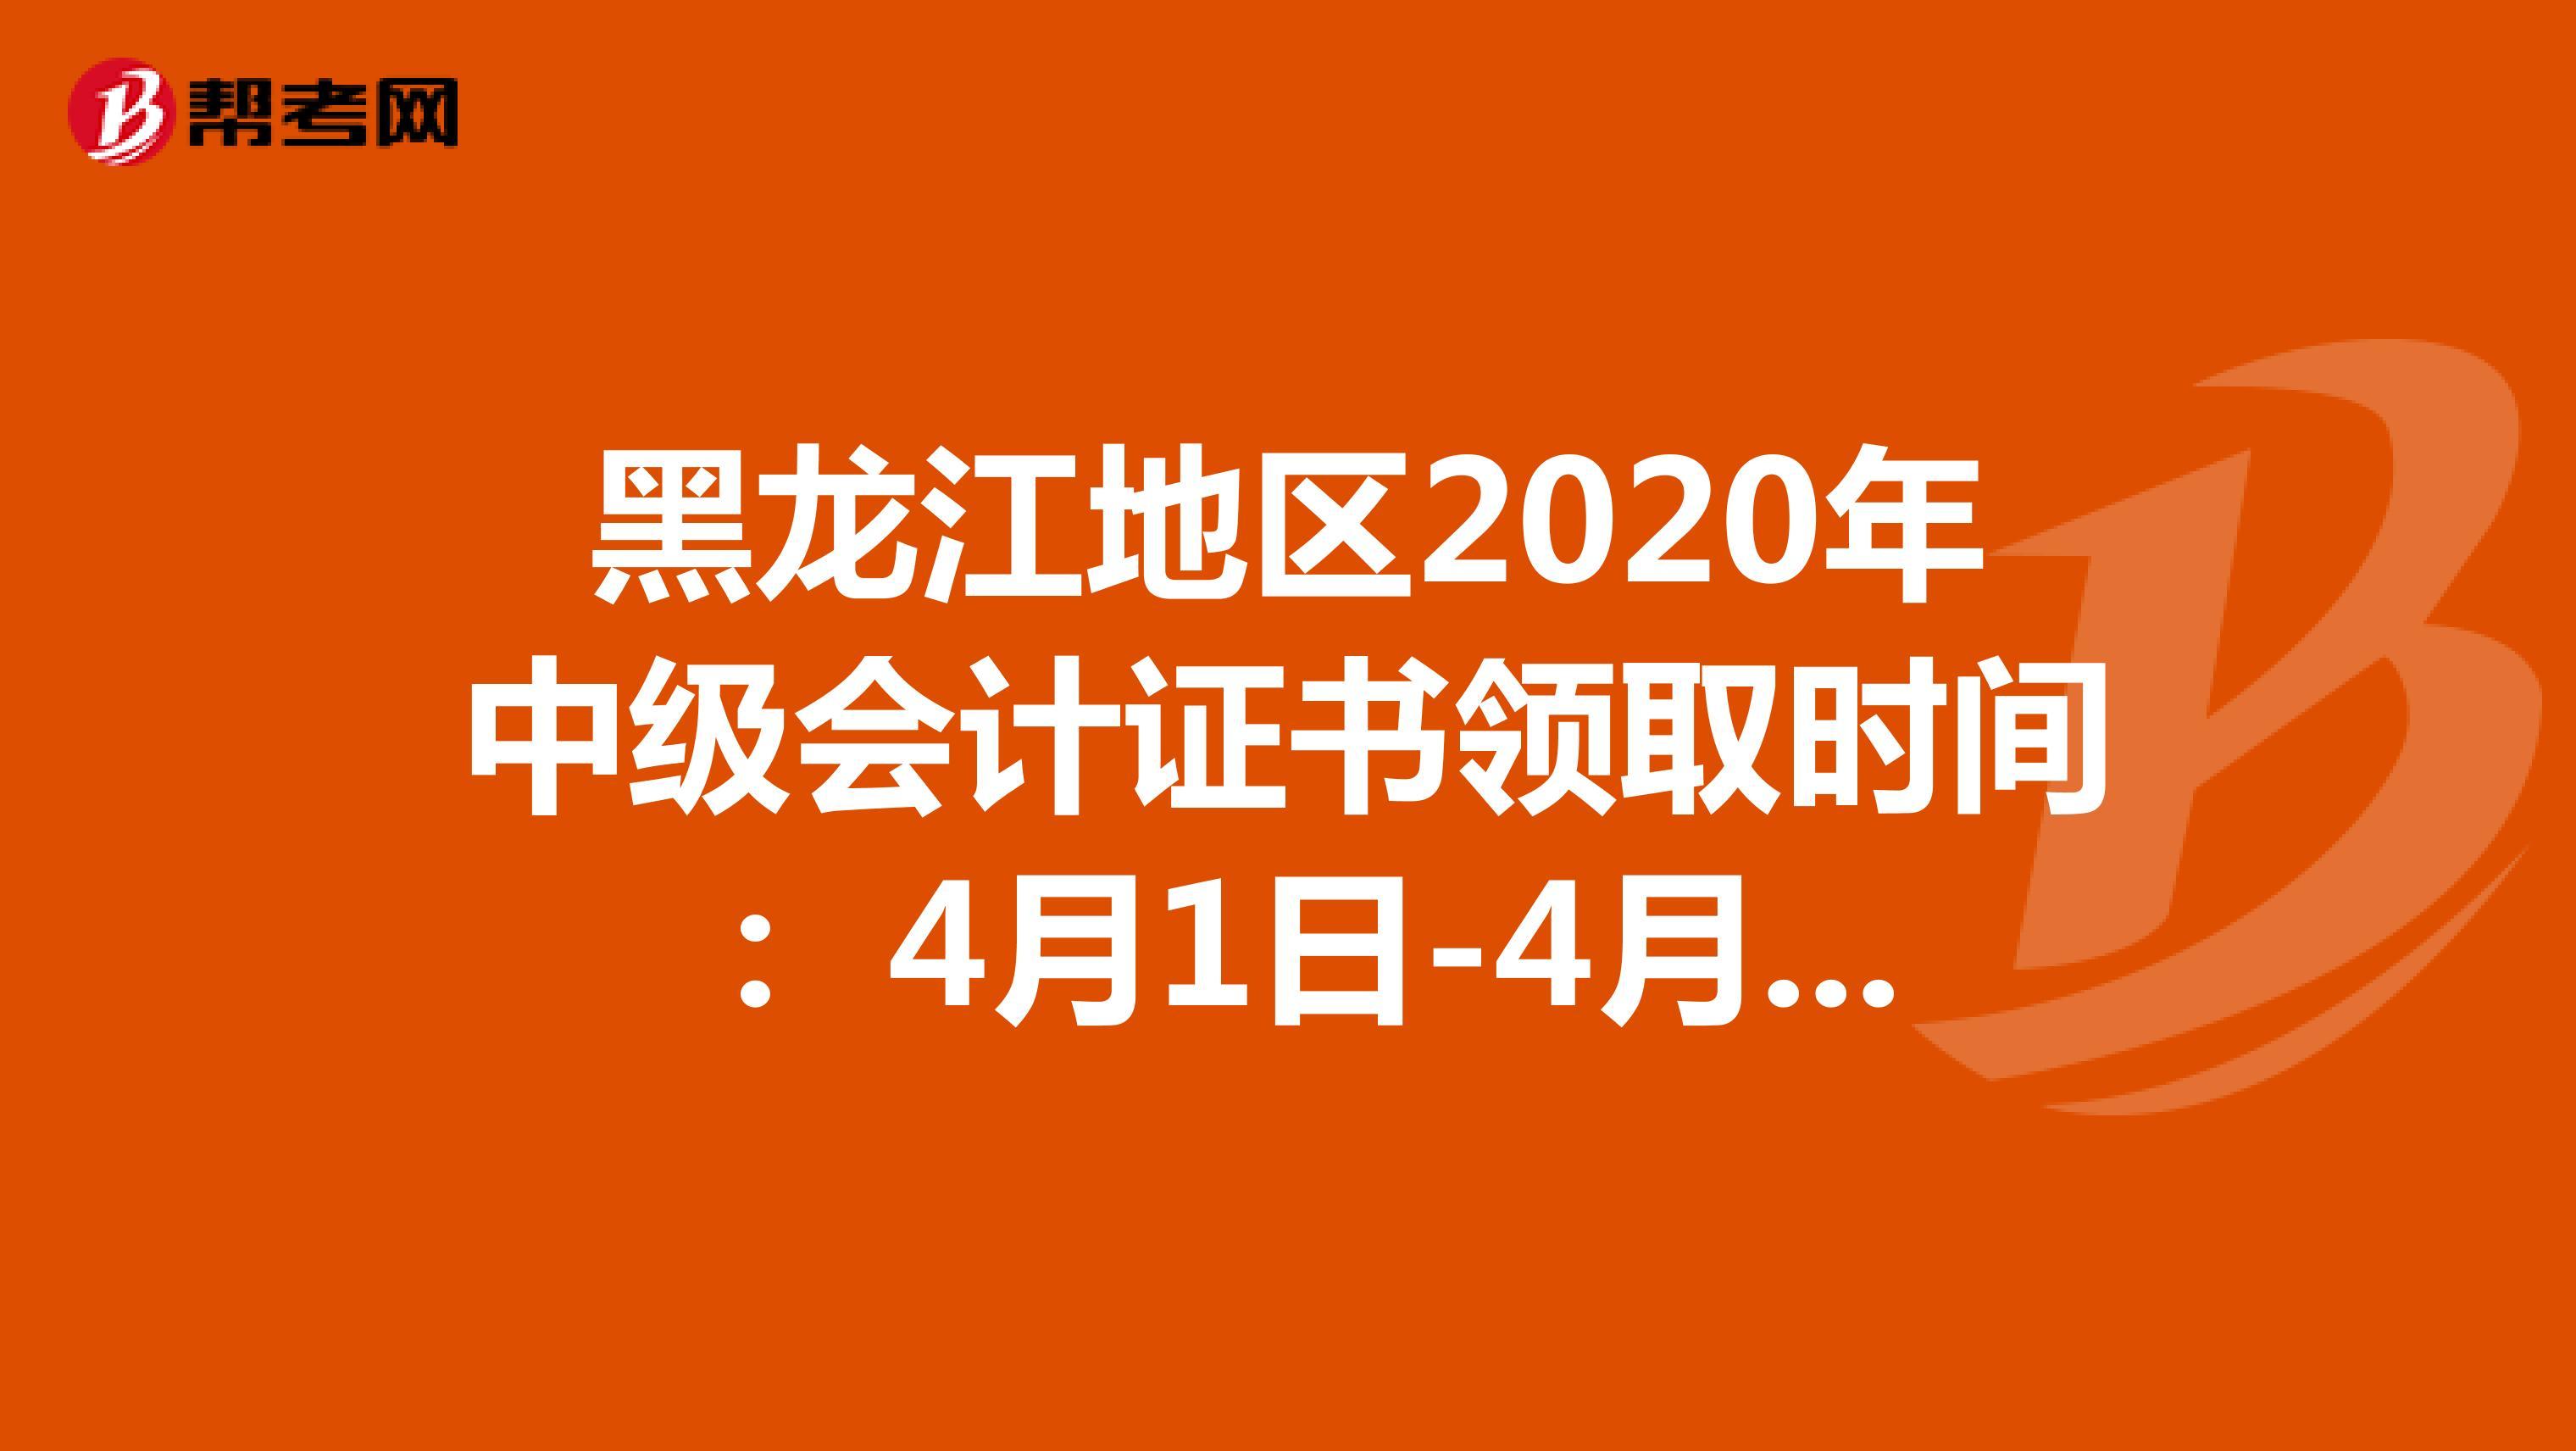 黑龍江地區2020年中級會計證書領取時間: 4月1日-4月20日